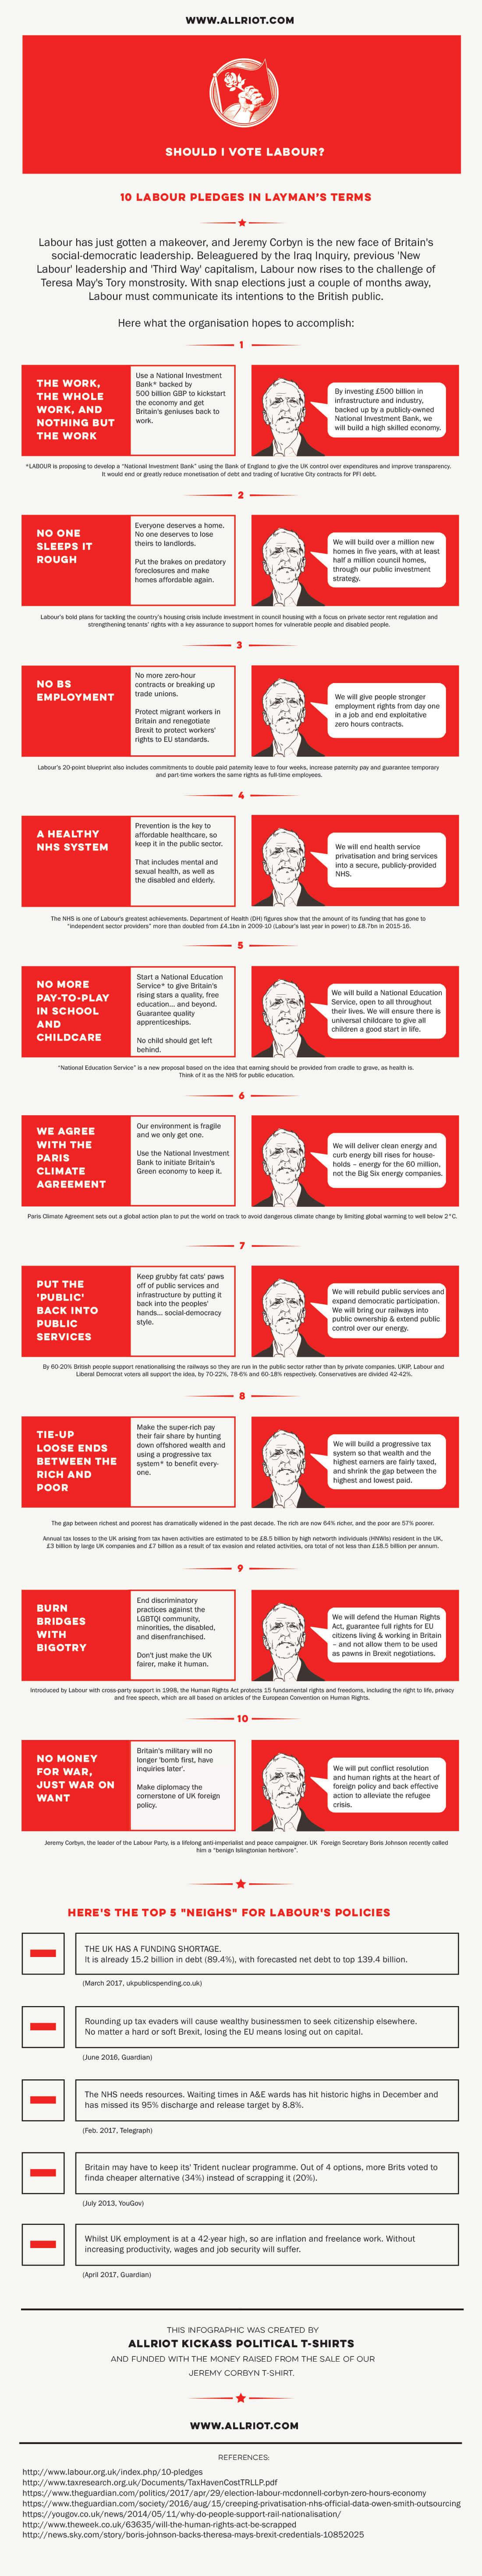 labour party pledges infographic